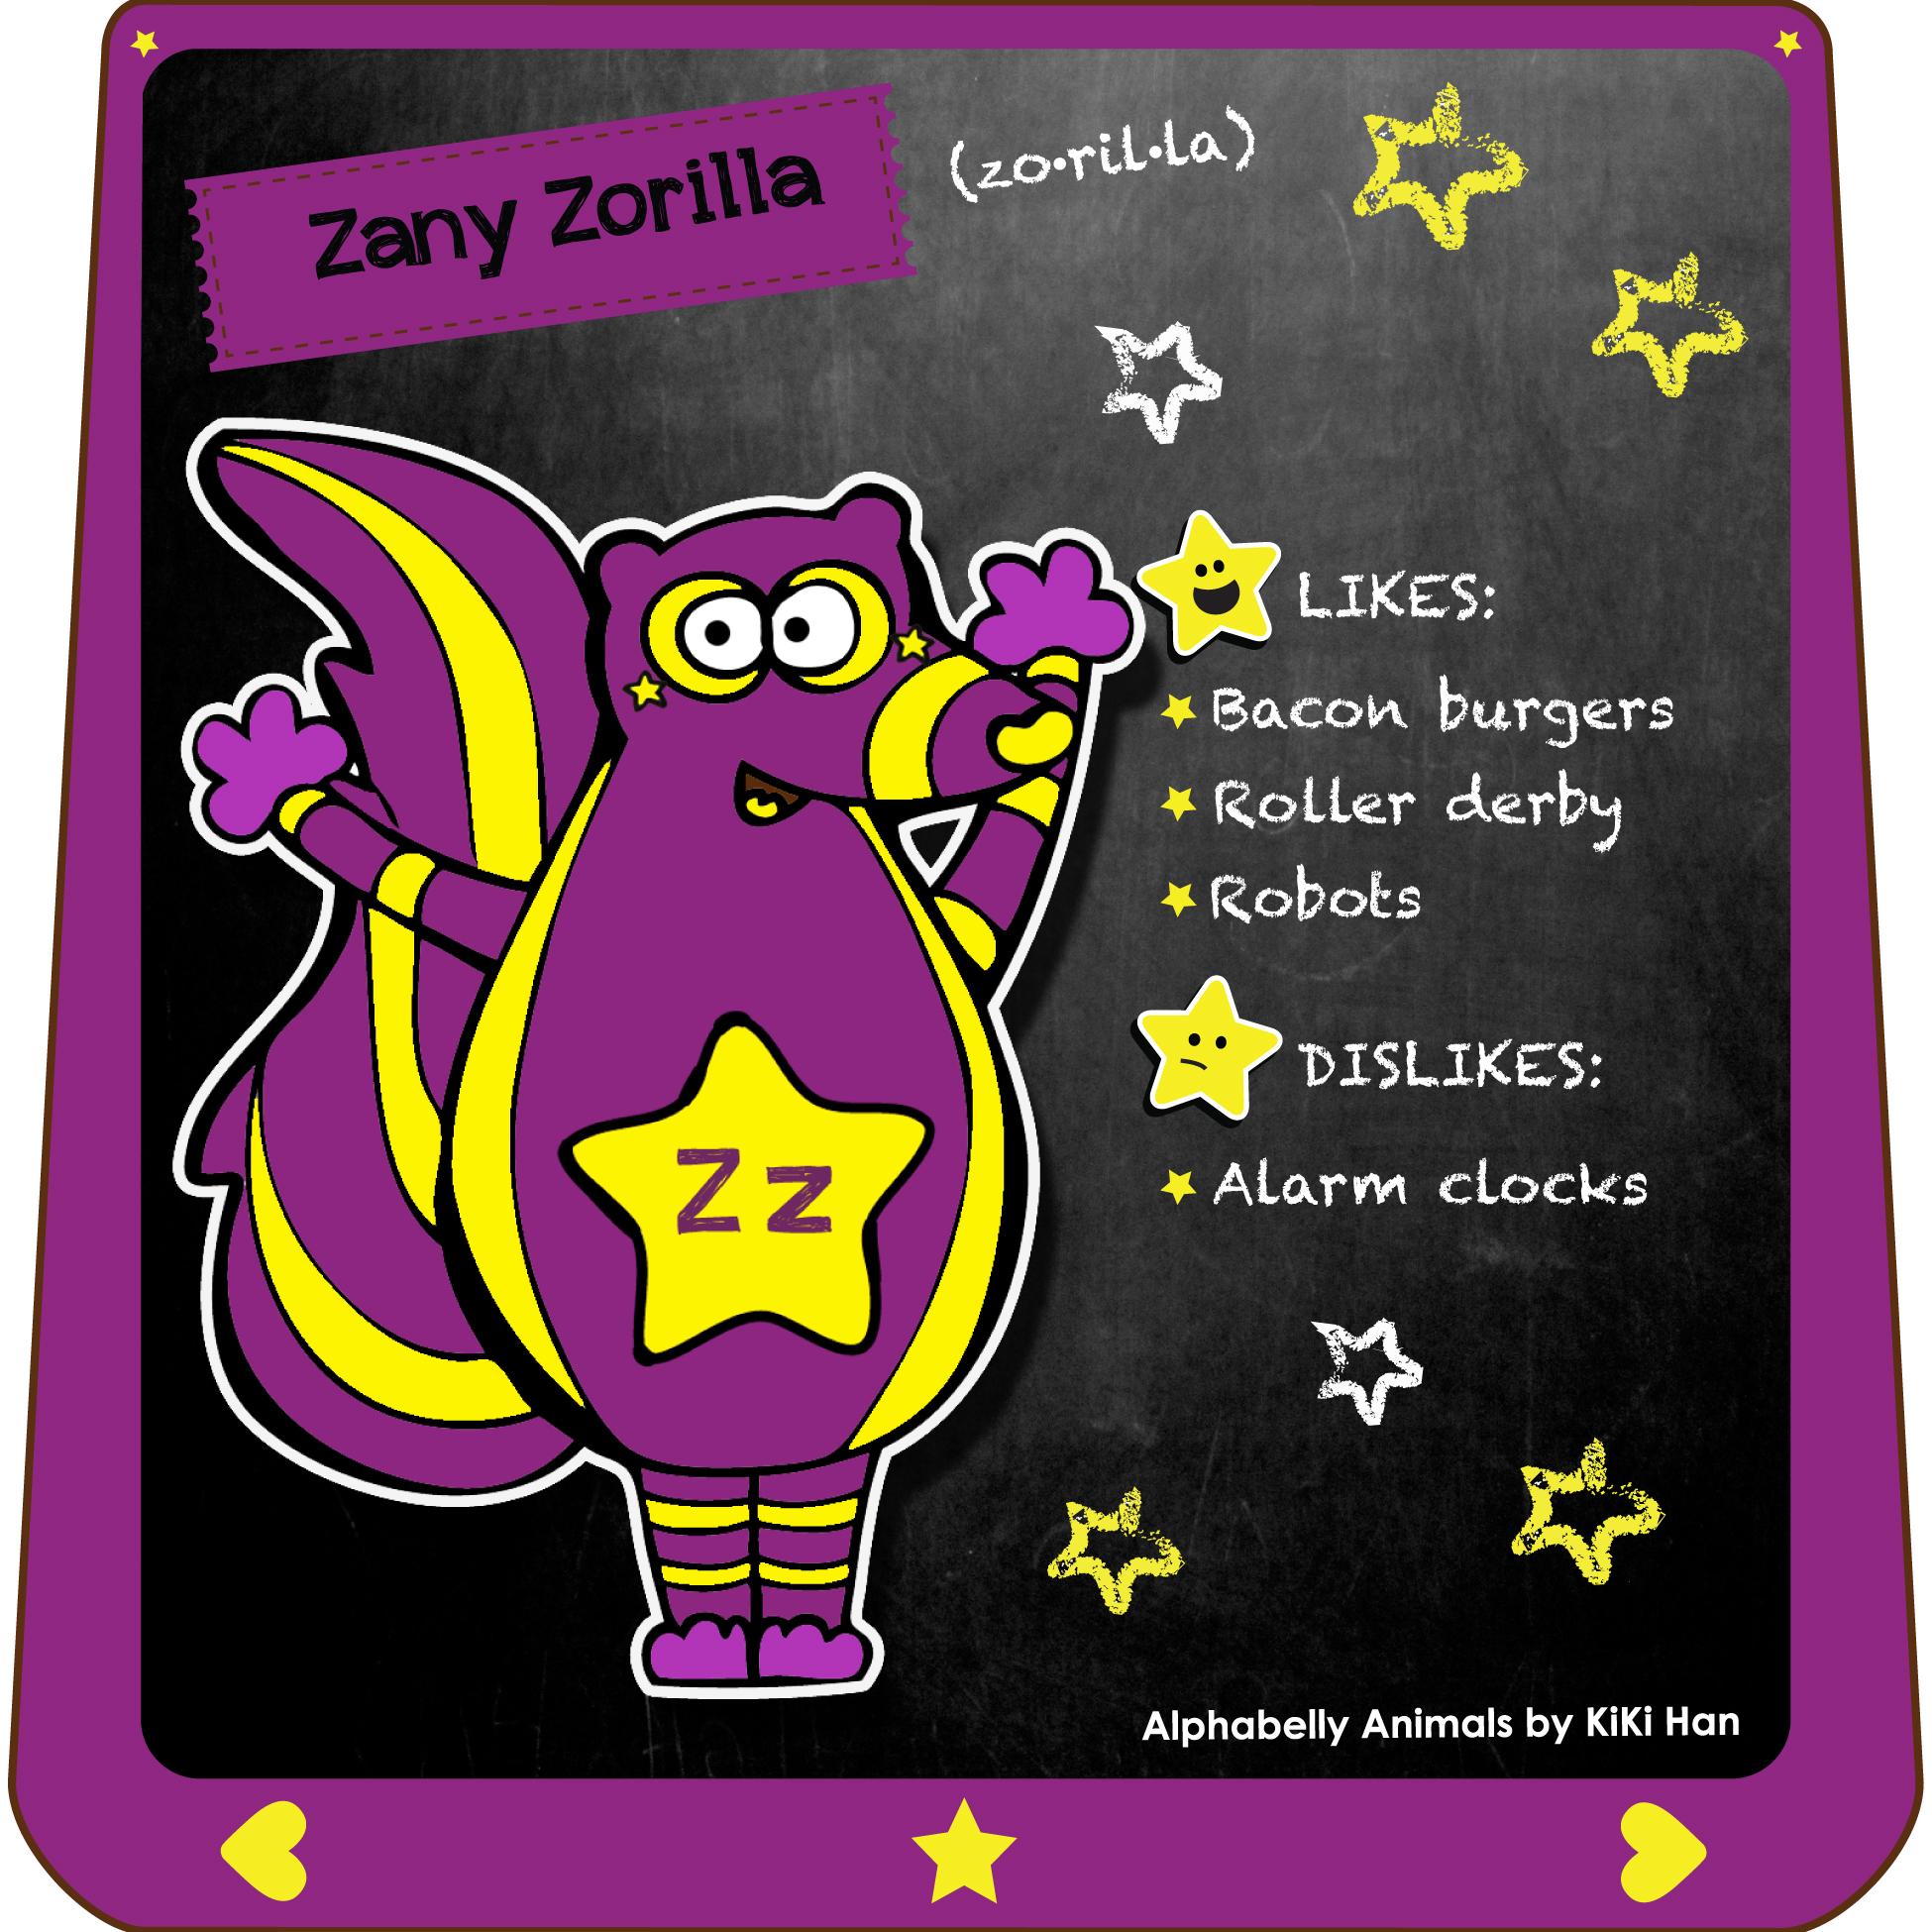 Zorilla I KiKi Han I KiKiHan I GeekyKiKi I Geeky KiKi I Missgeekykiki I Cutiecons I Cutiecon I Cutie Con I Alphabellies I Alphabelly I A to Z Animal Poster